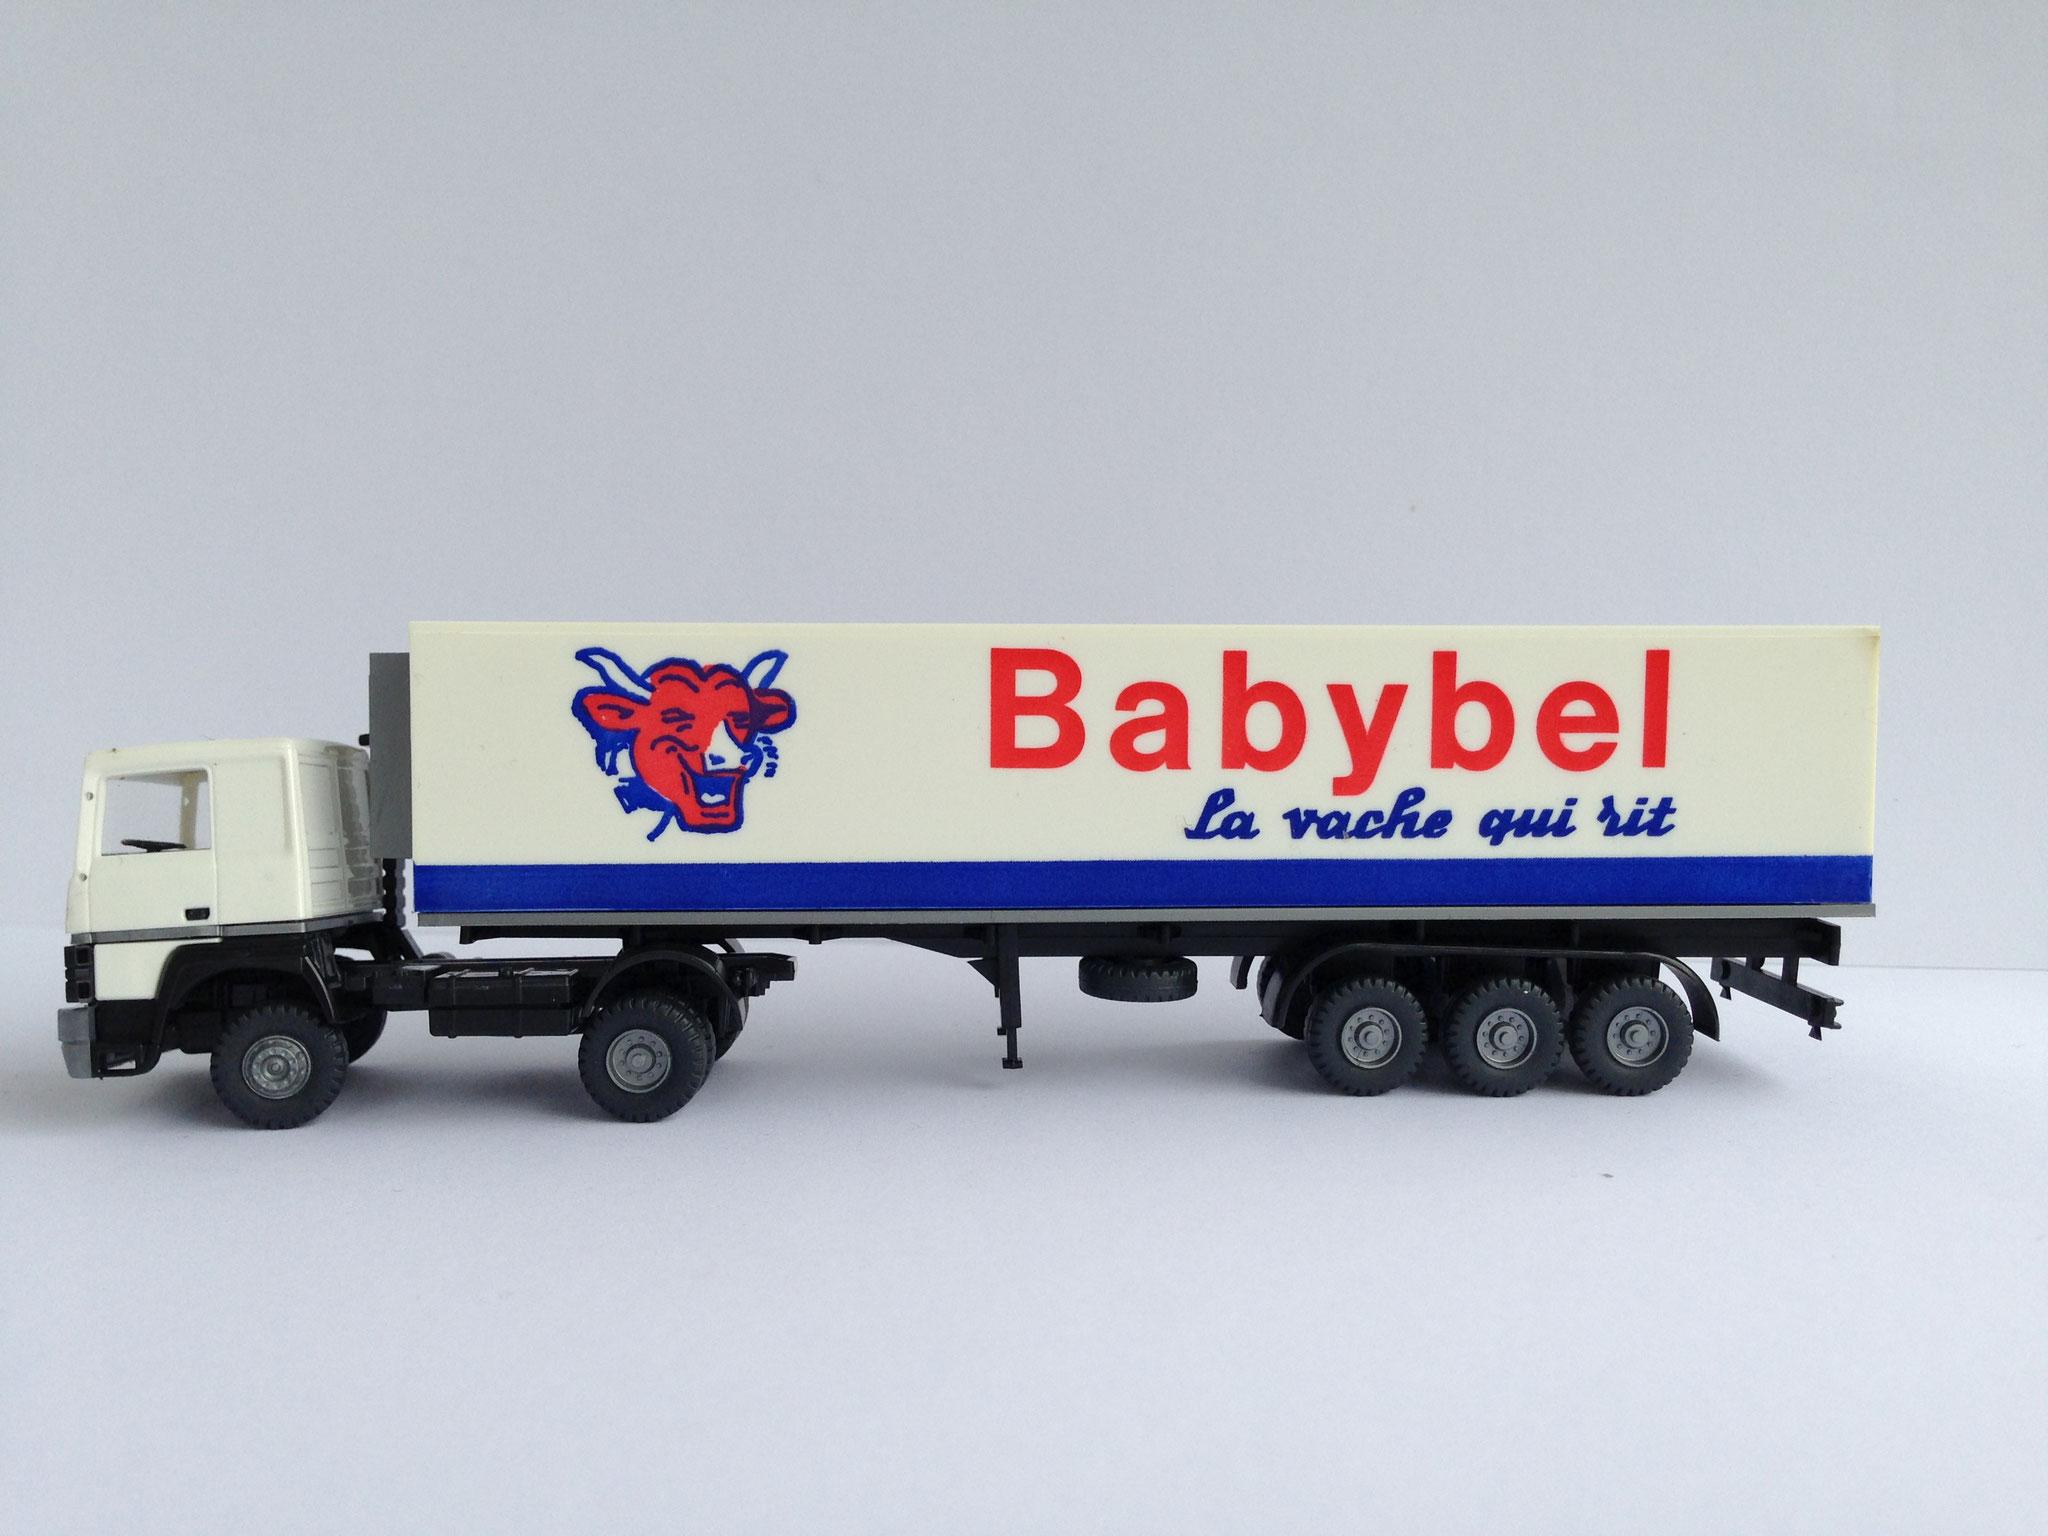 Babybel Sattelzug mit 3-Achs-Kühlauflieger, Art. Nr. 737 (ab 1989 im Programm)